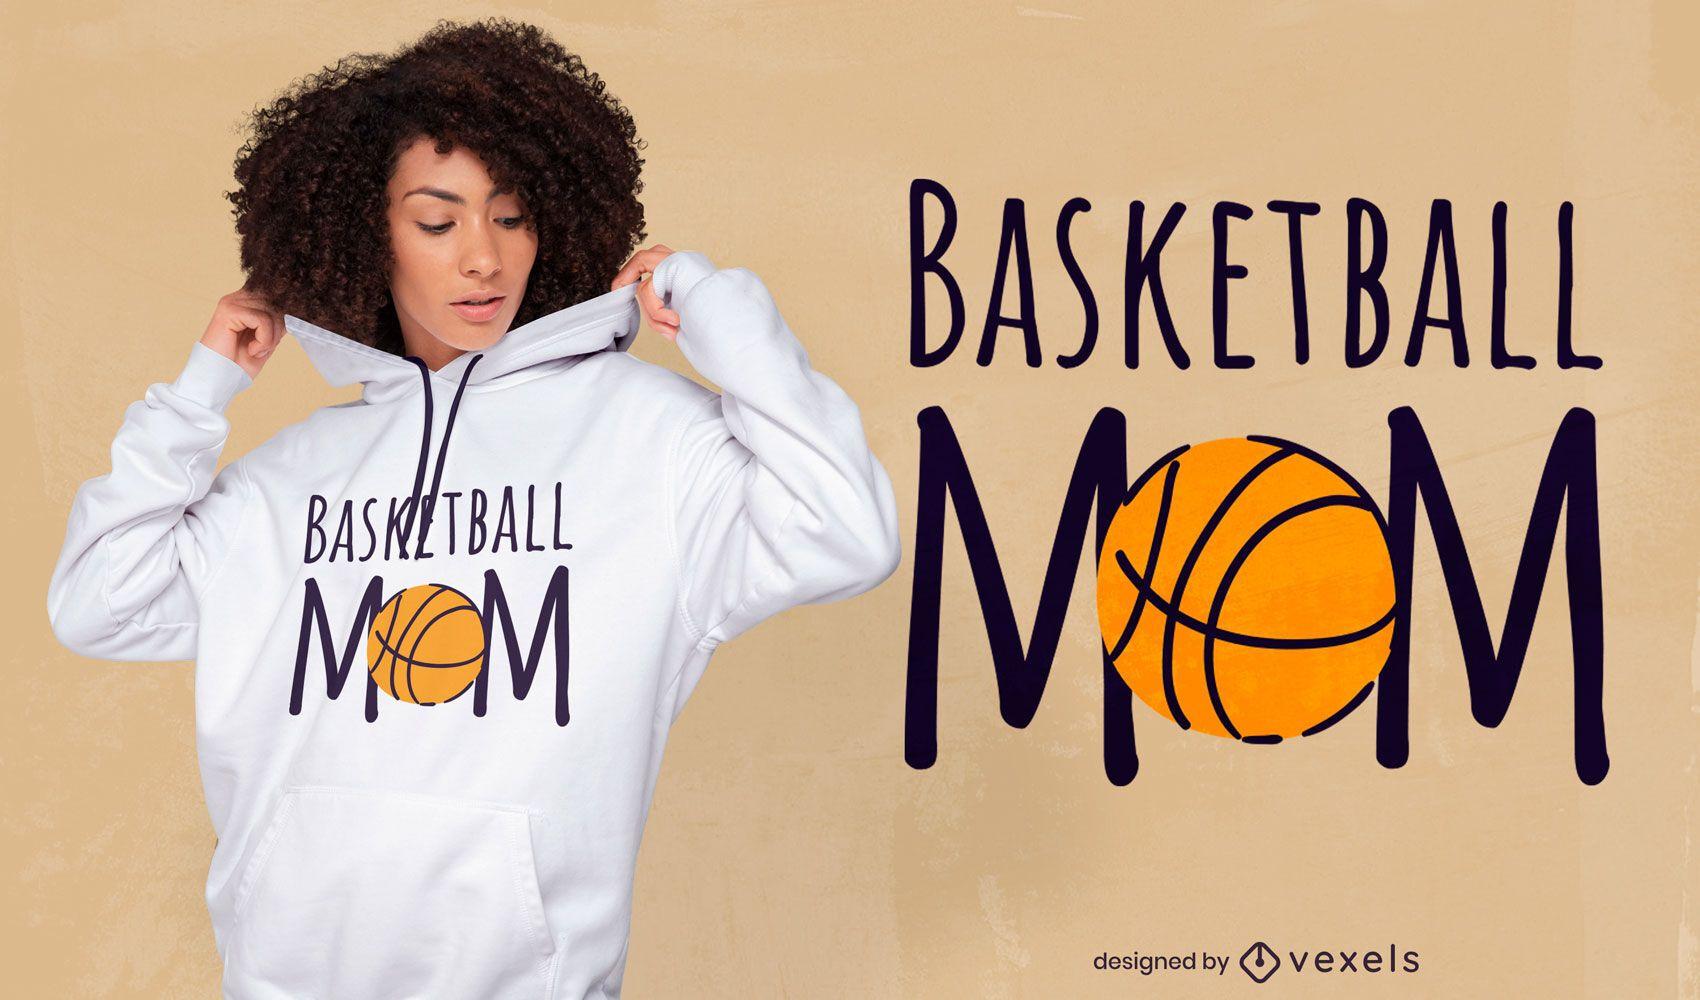 Dise?o de camiseta de baloncesto deporte mam? cita